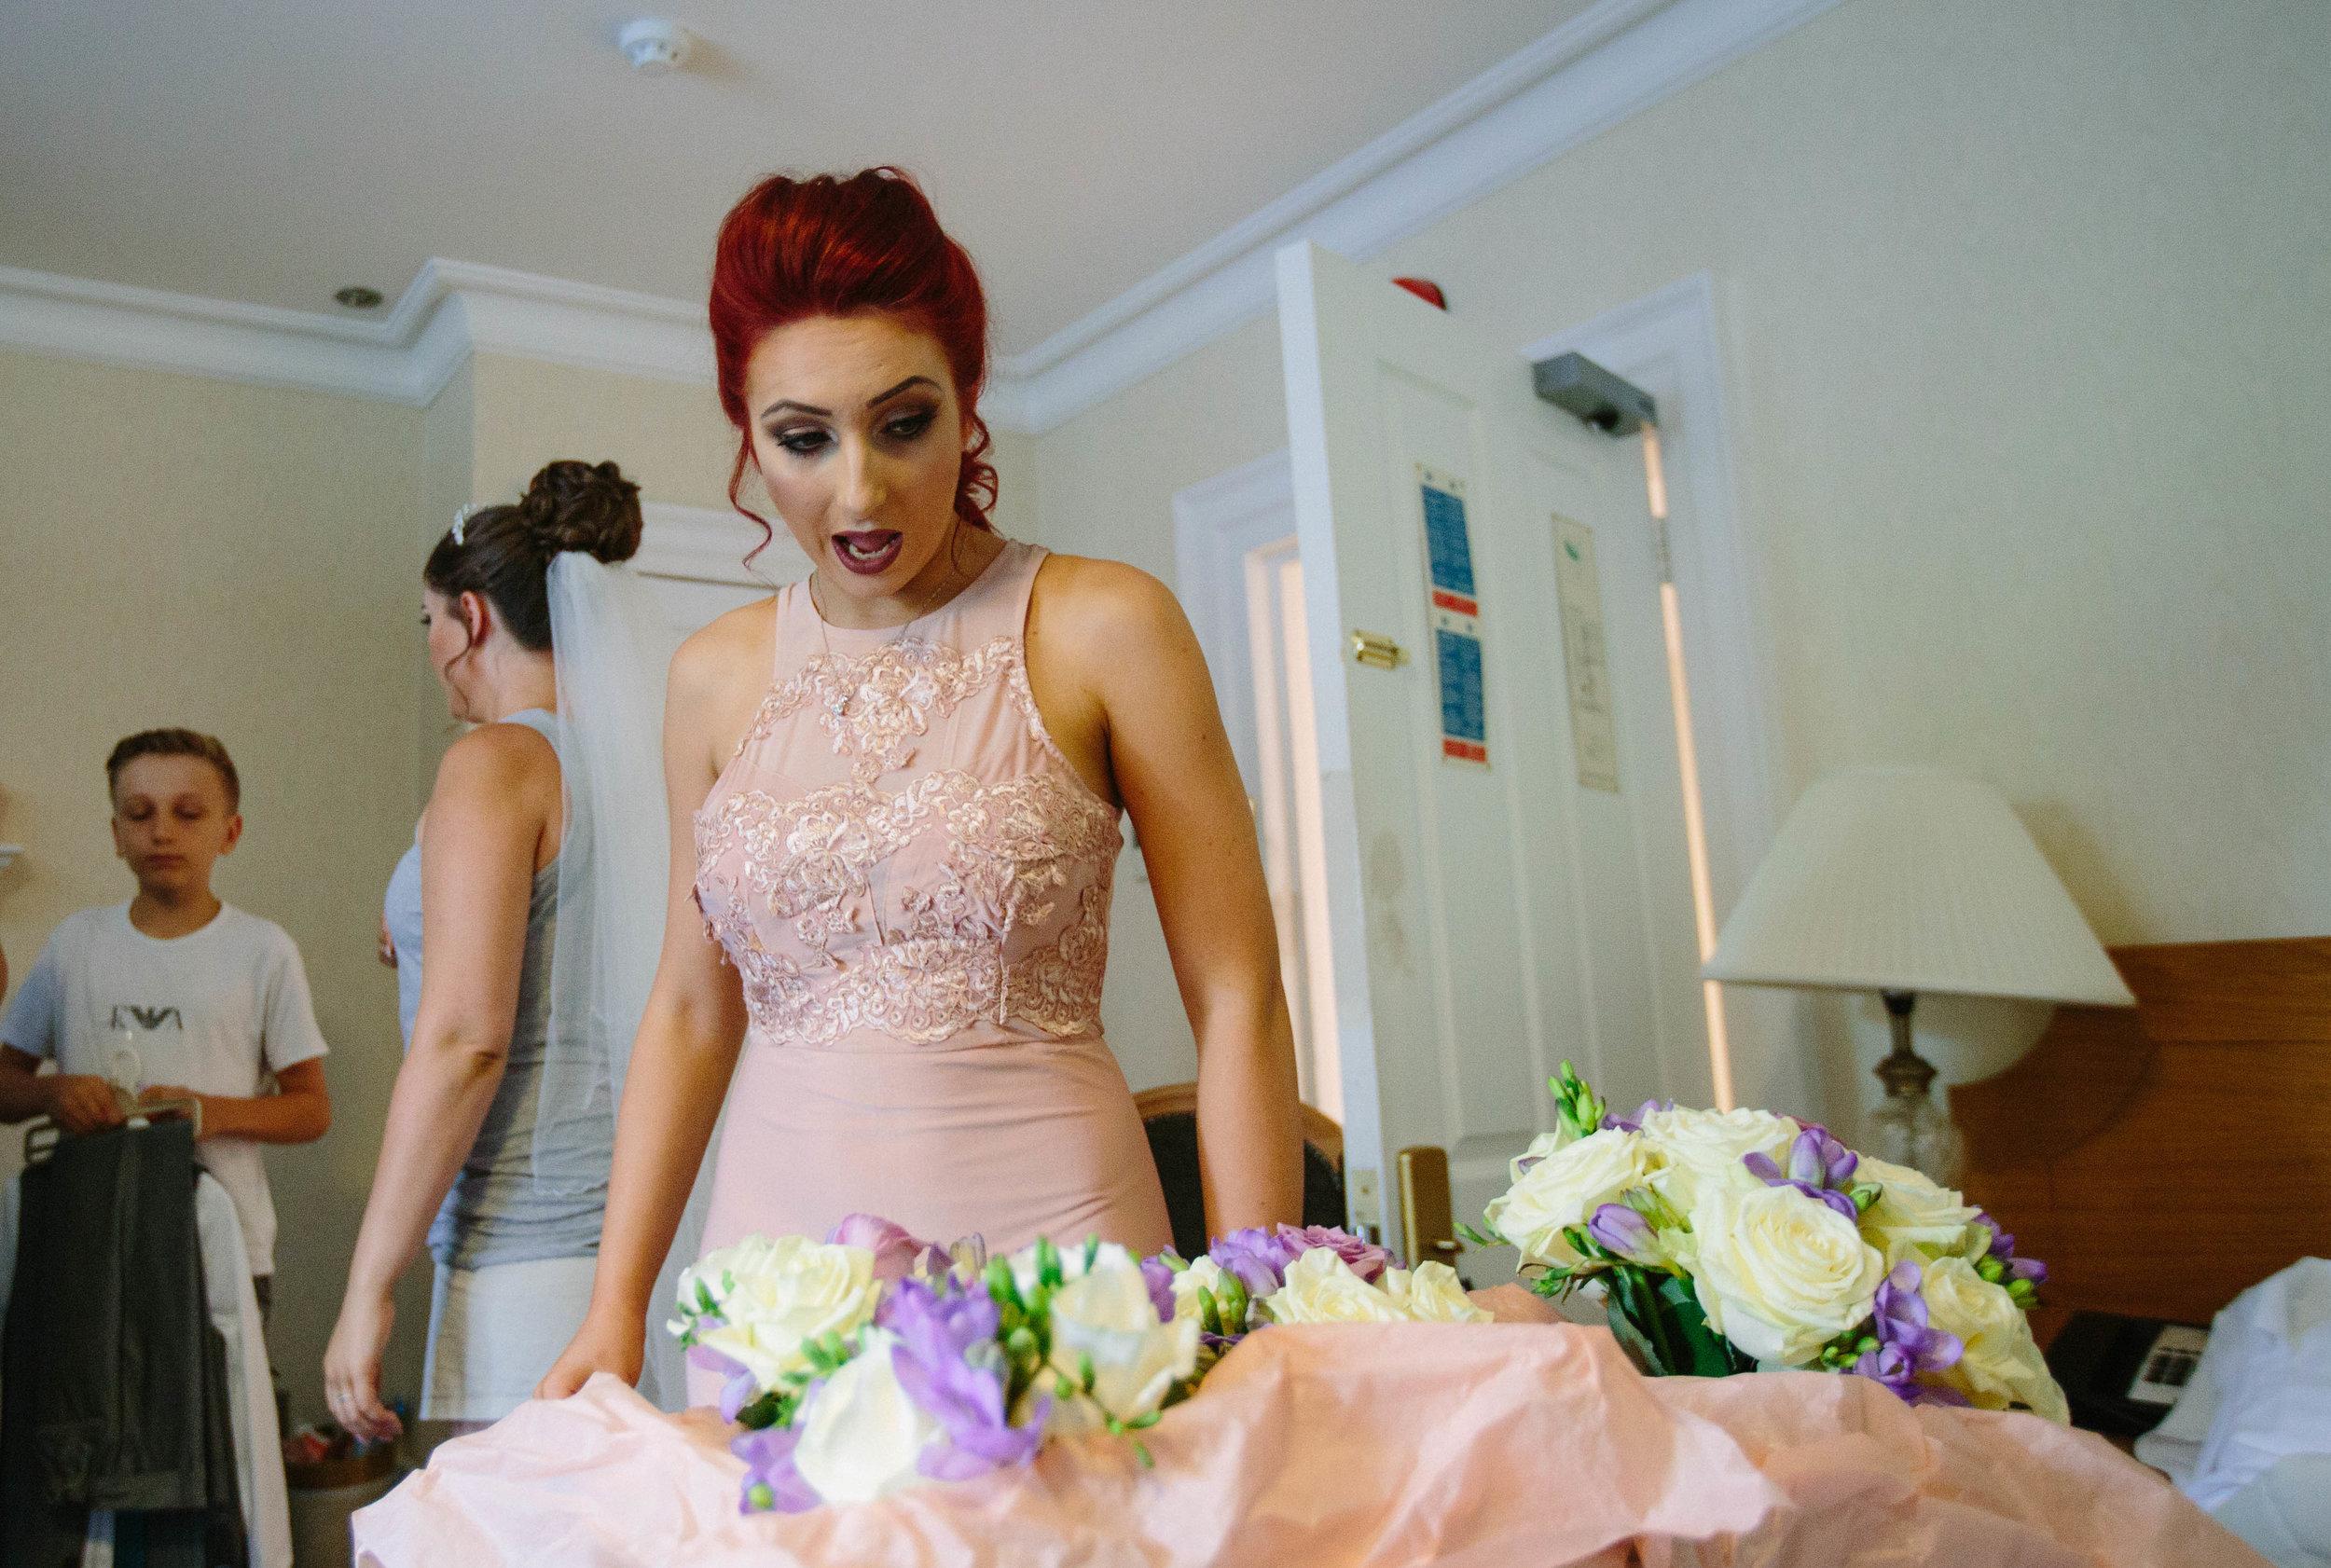 HamptonCourt-Wedding-Weybridge-Surrey-London-OatlandsParkHotel-06